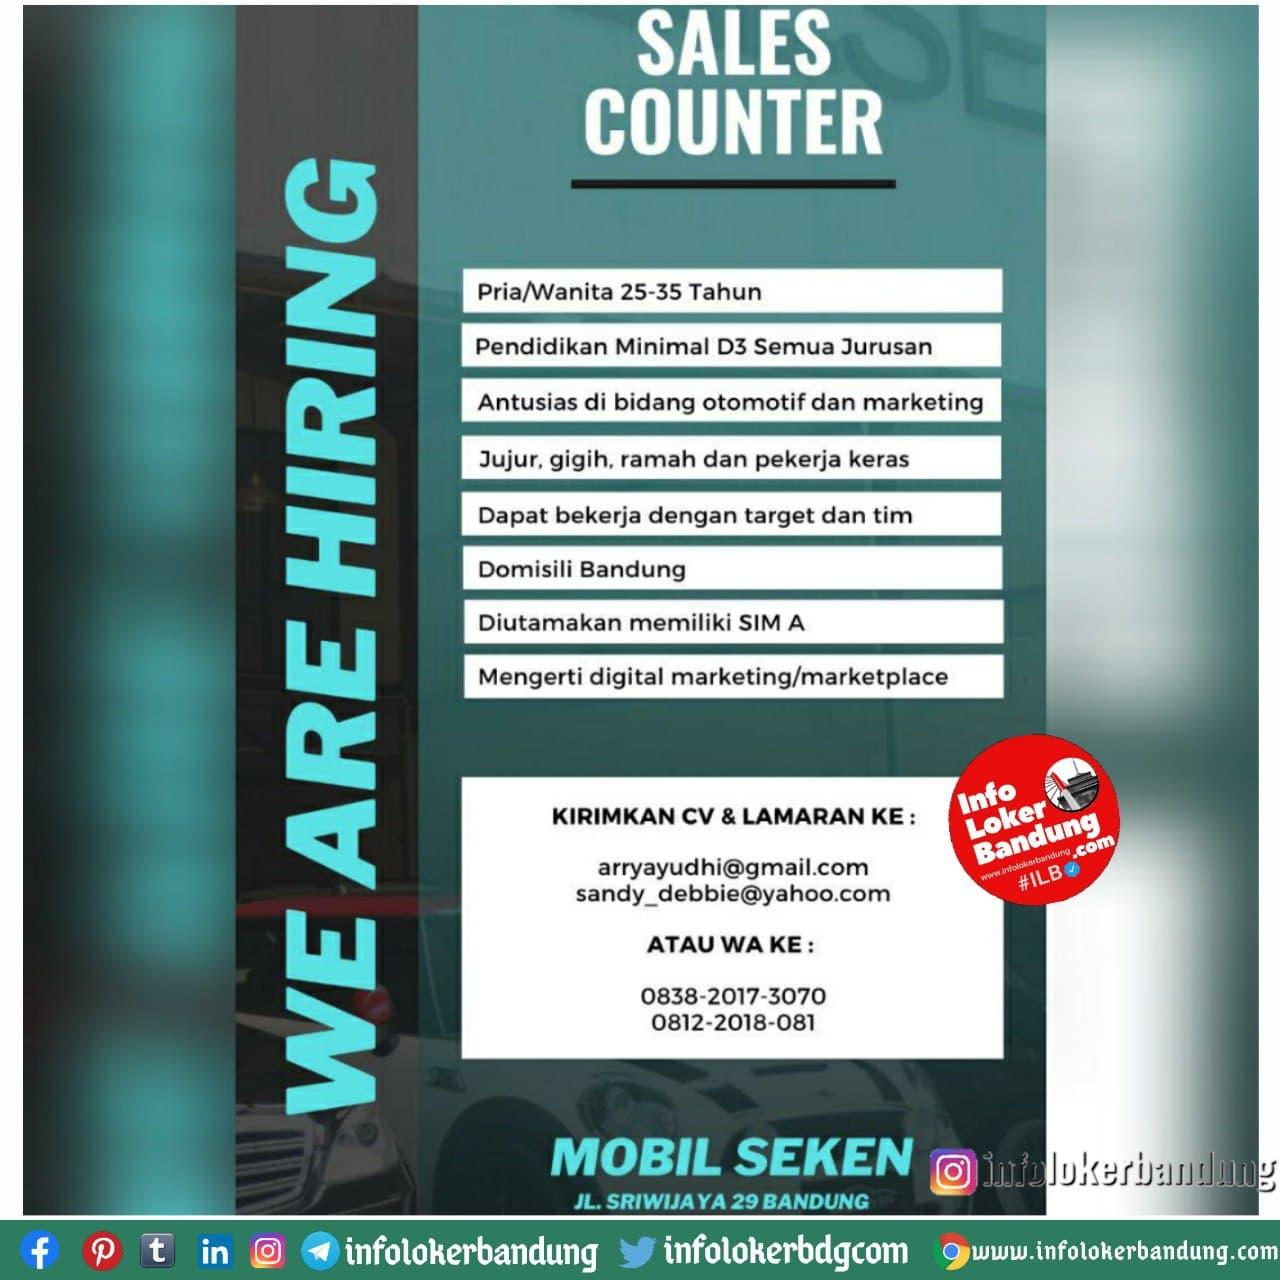 Lowongan Kerja Sales Counter Mobil Sekan Bandung Januari 2021